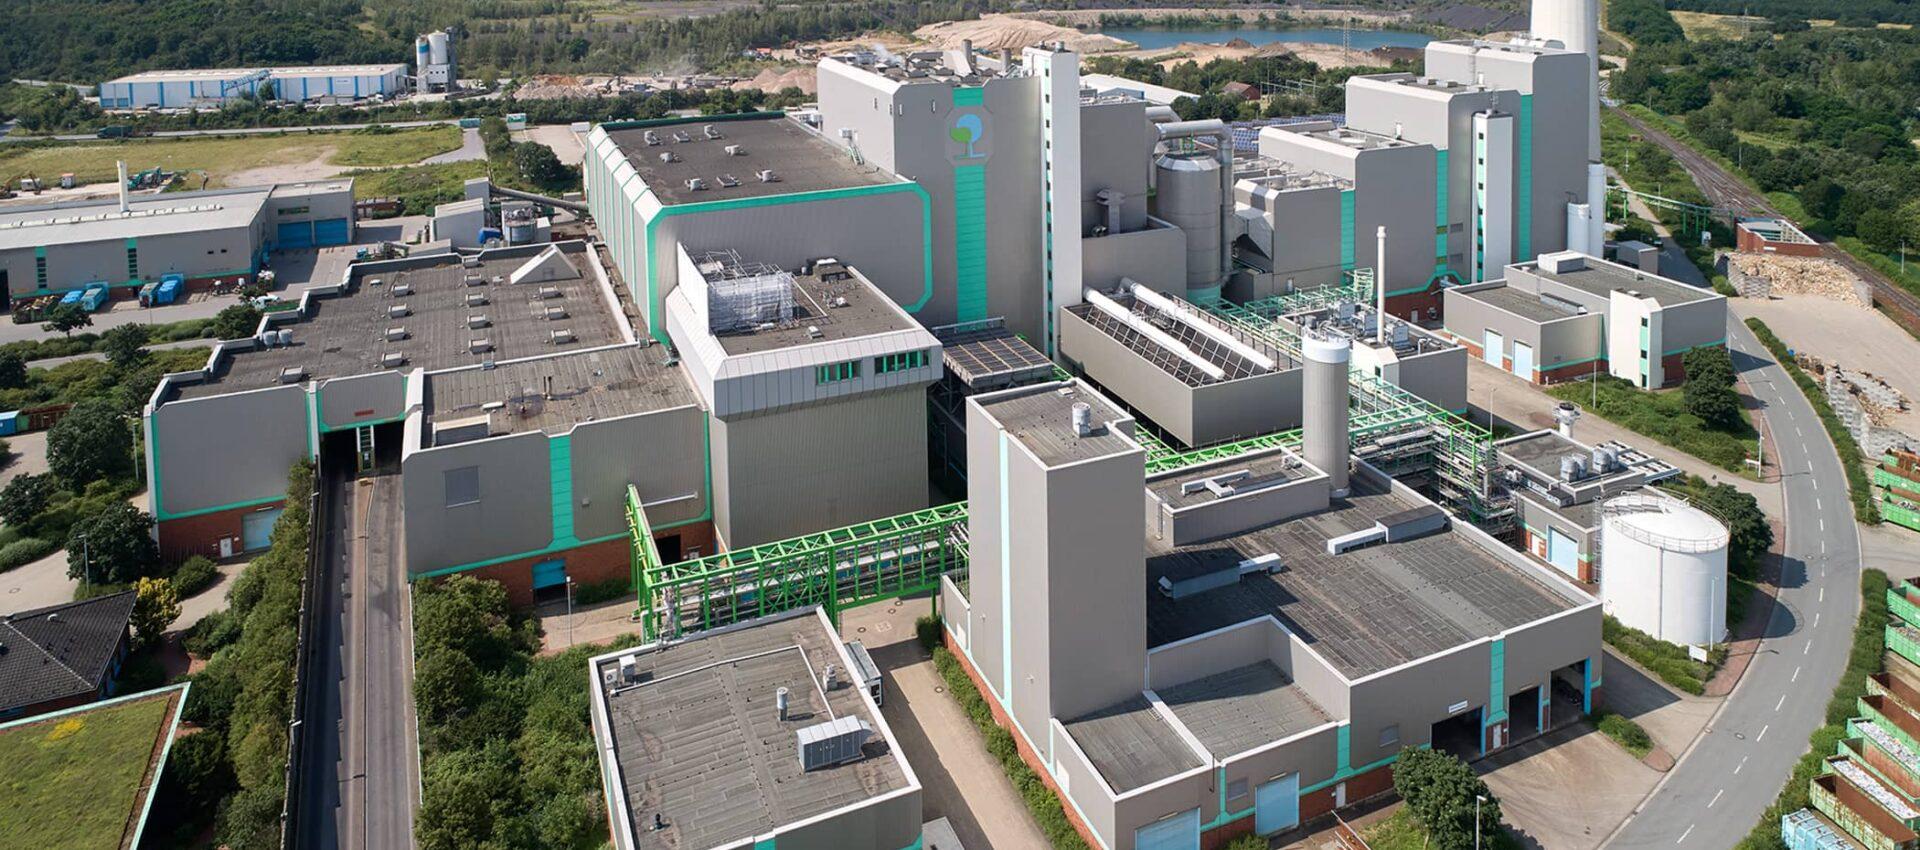 Luftbild der Thermische Abfallbehandlung